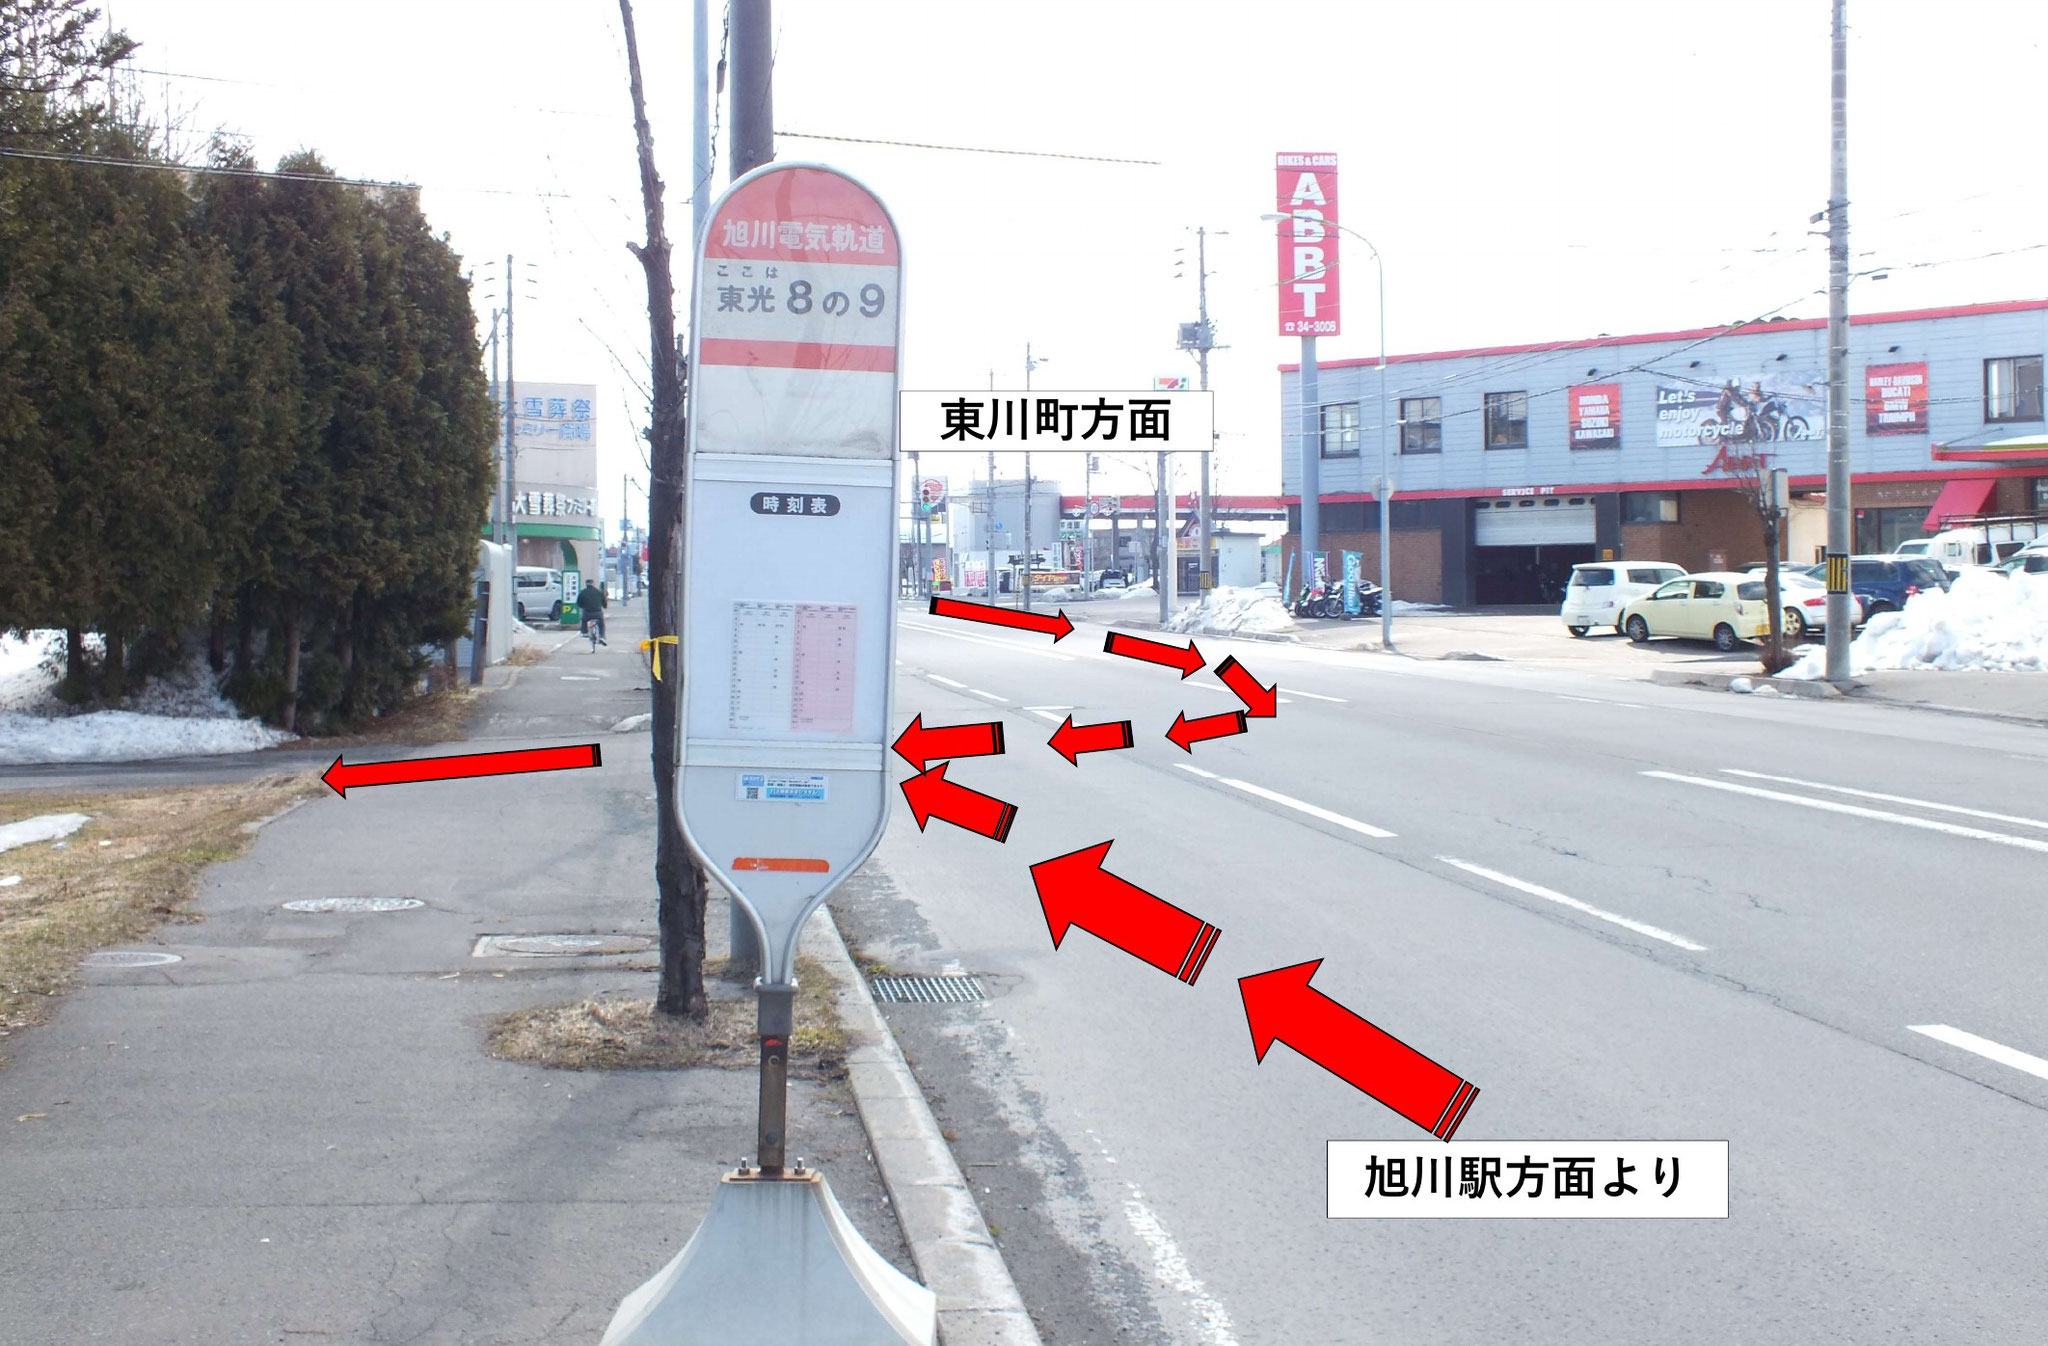 バス停を過ぎたらすぐ左折でもOK